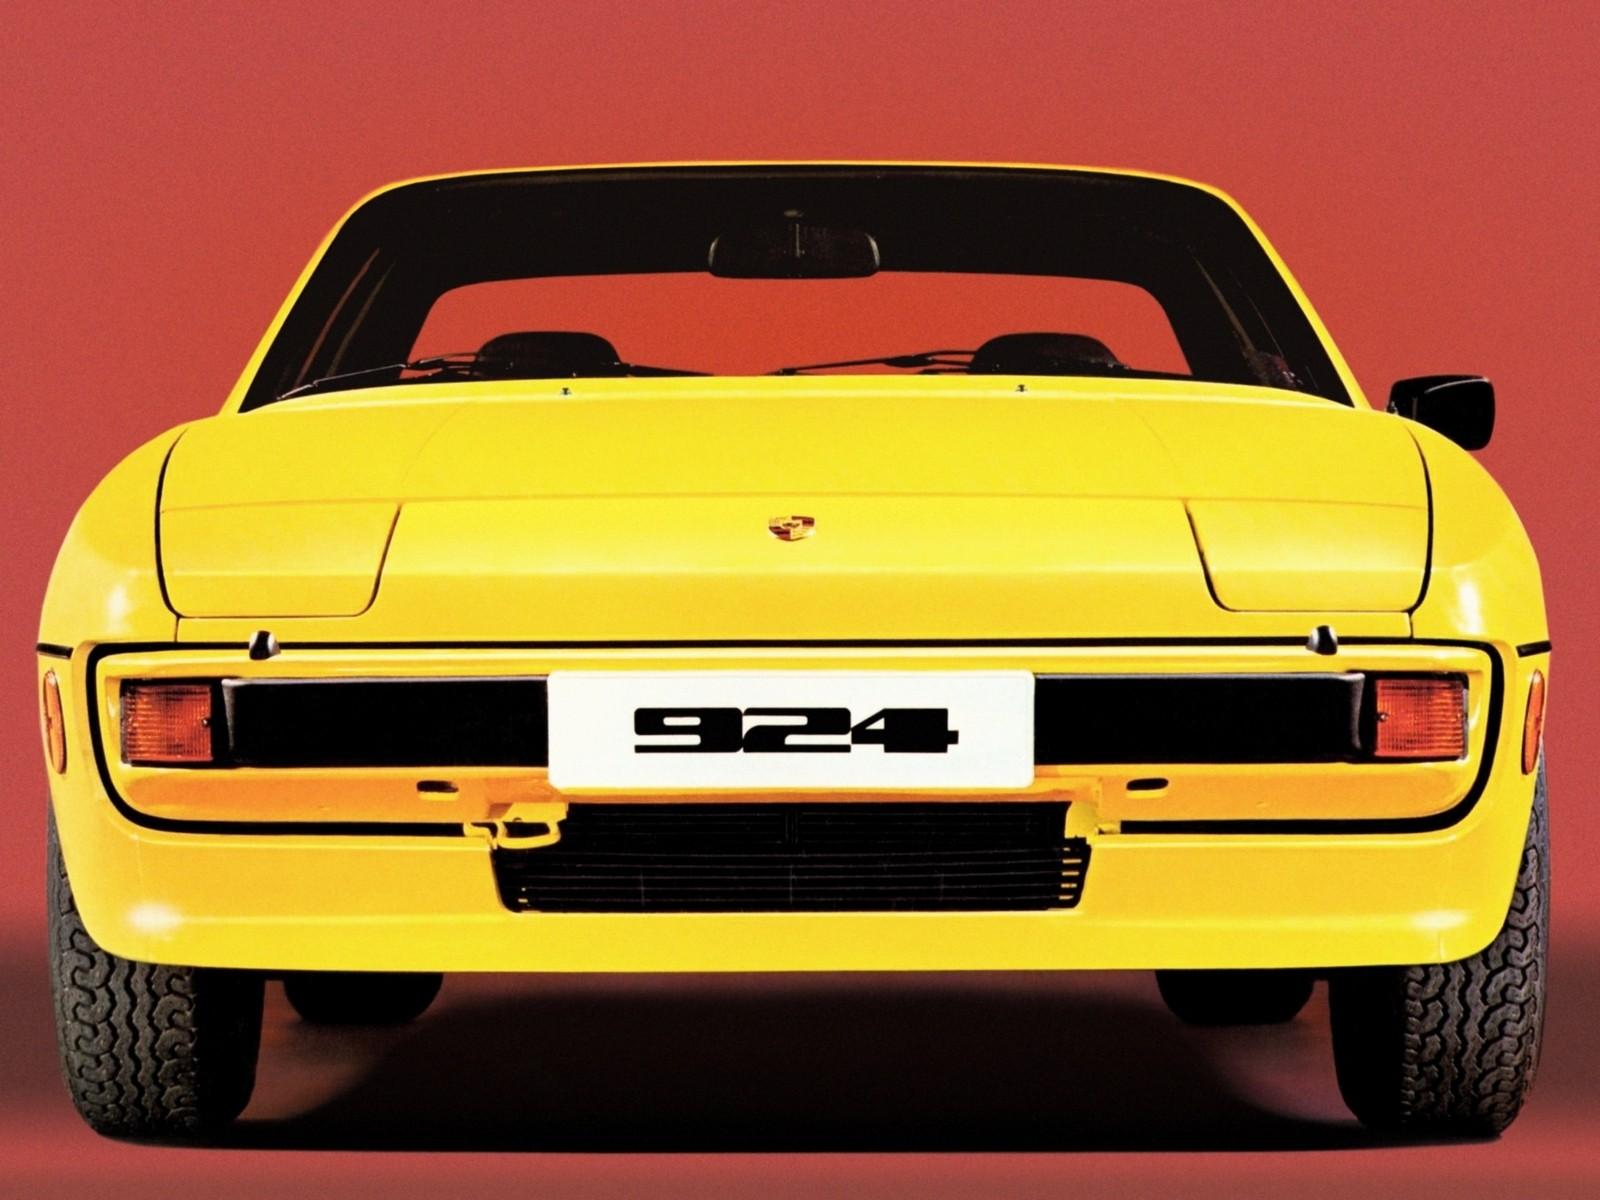 porsche 924 жёлтый